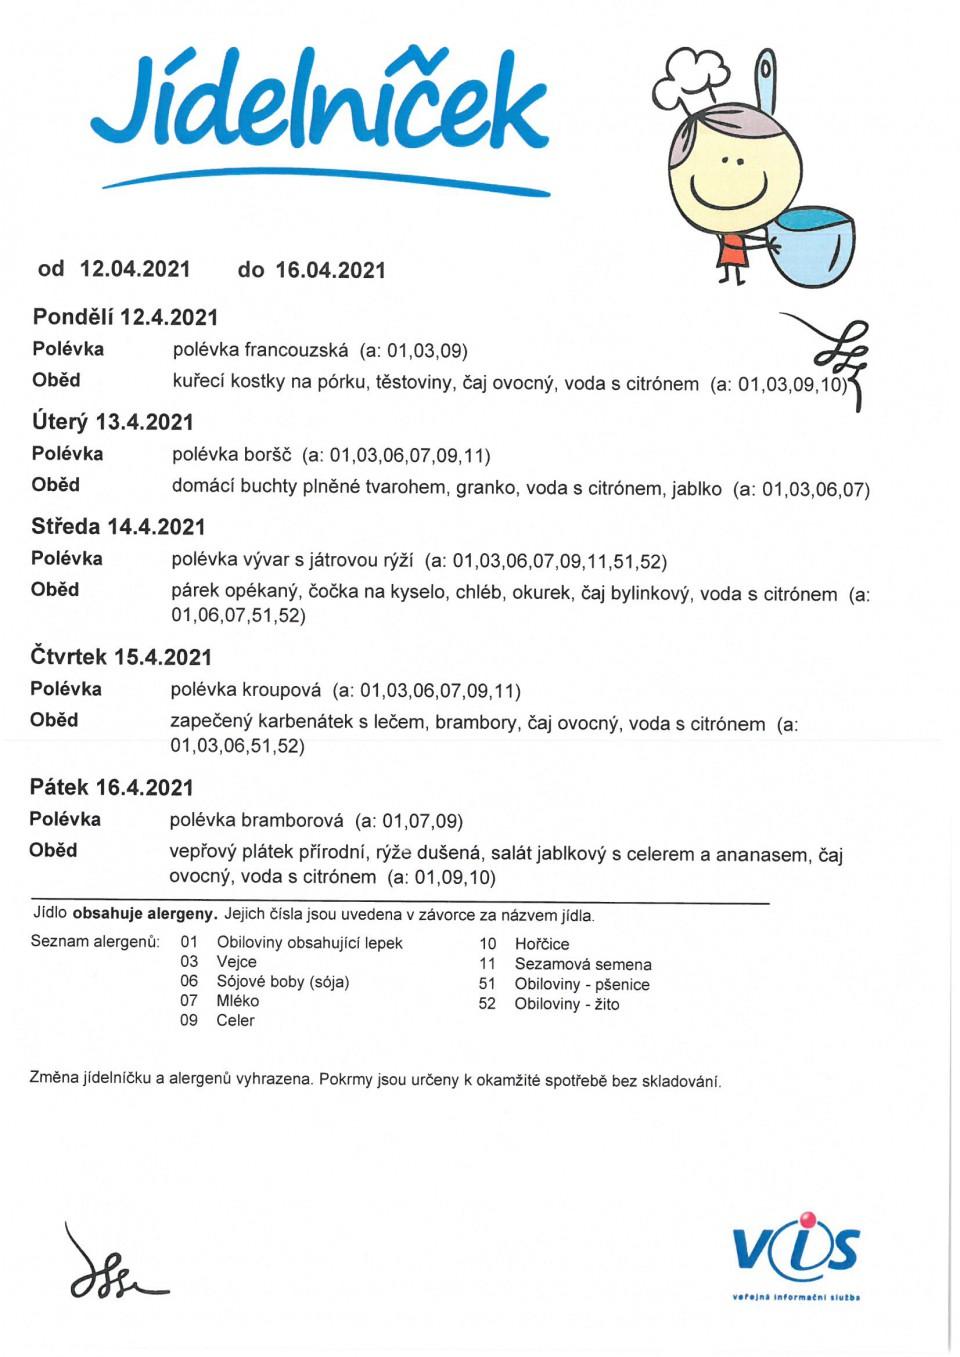 jidelnicek-zs-novy-malin-od-1242021-do-1642021